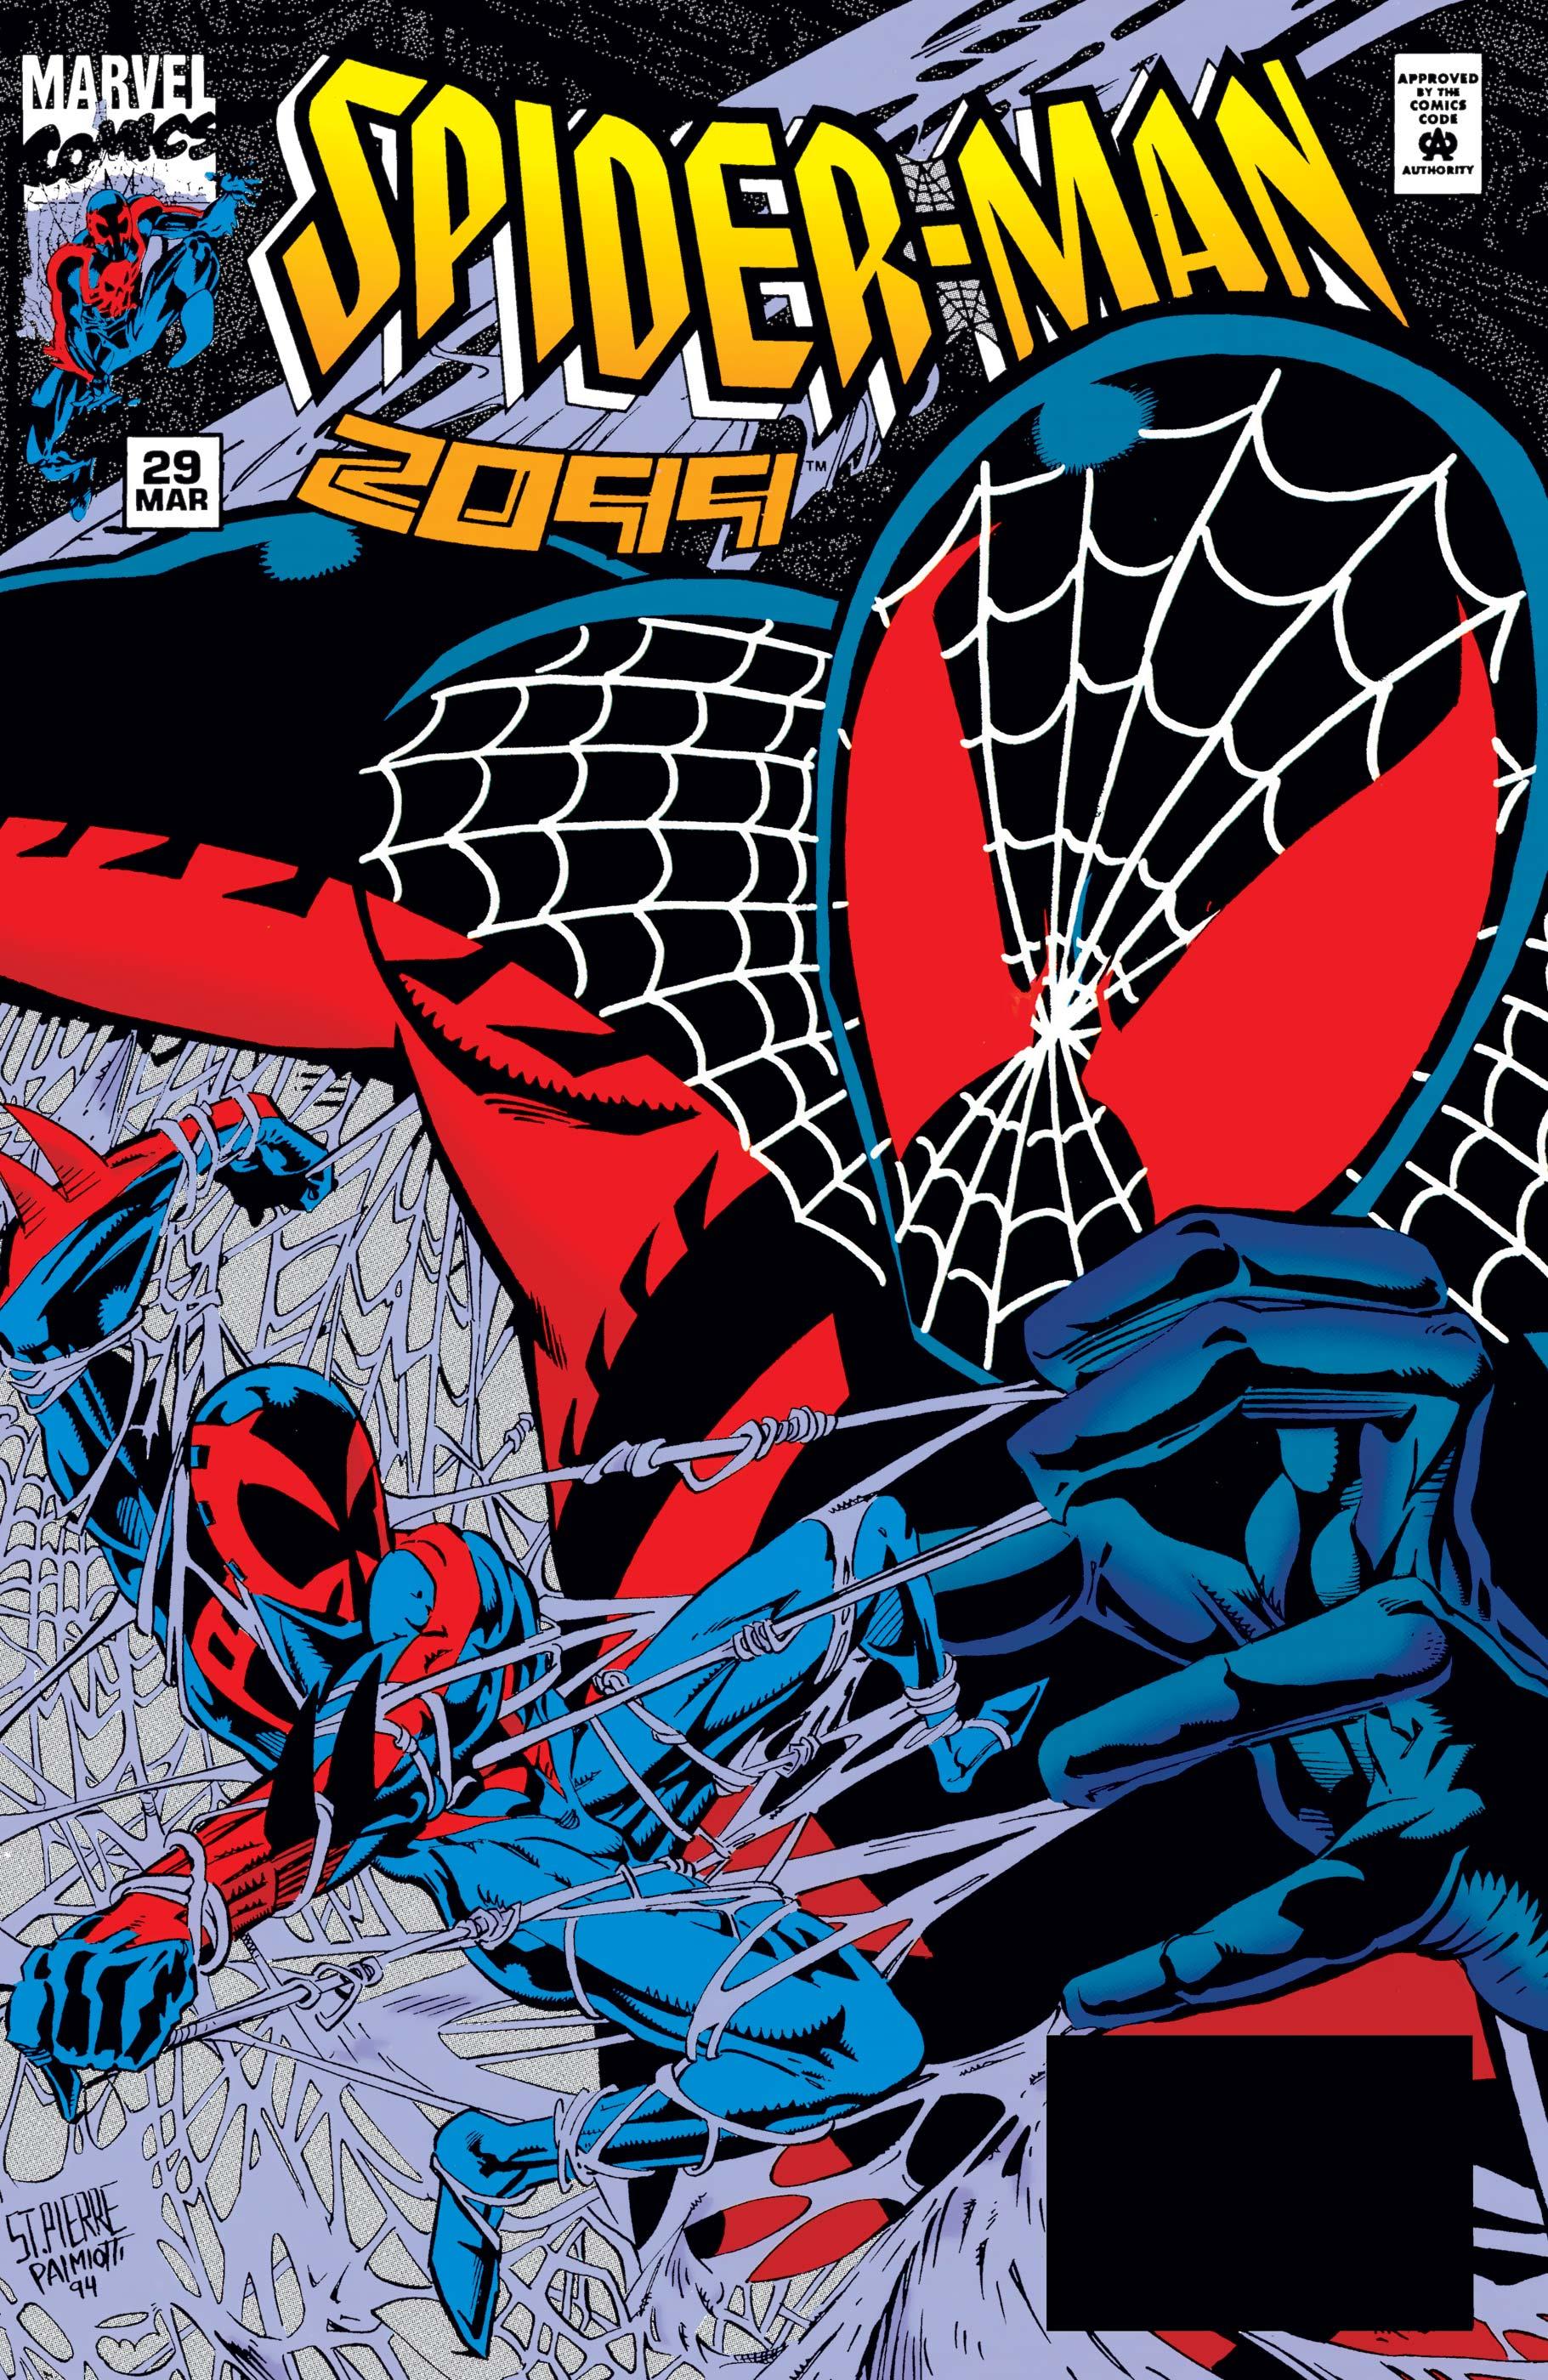 Spider-Man 2099 (1992) #29